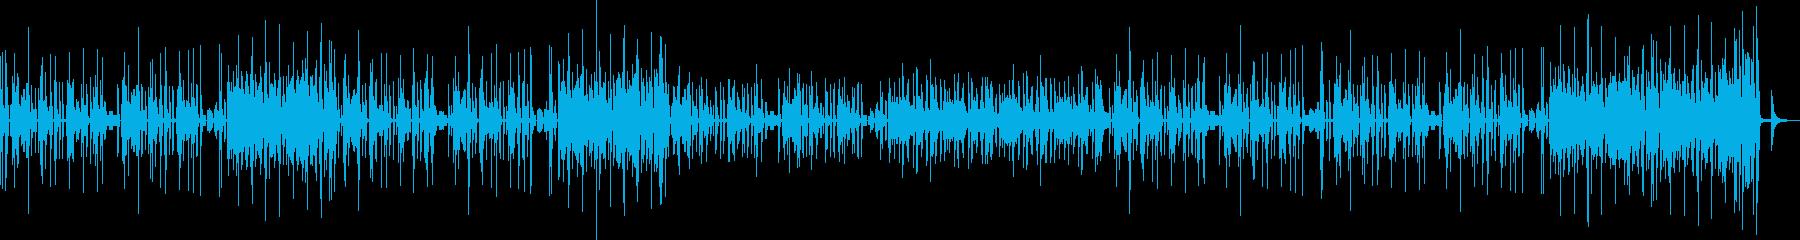 トイ、たのしいかわいい落ち着いたトークの再生済みの波形